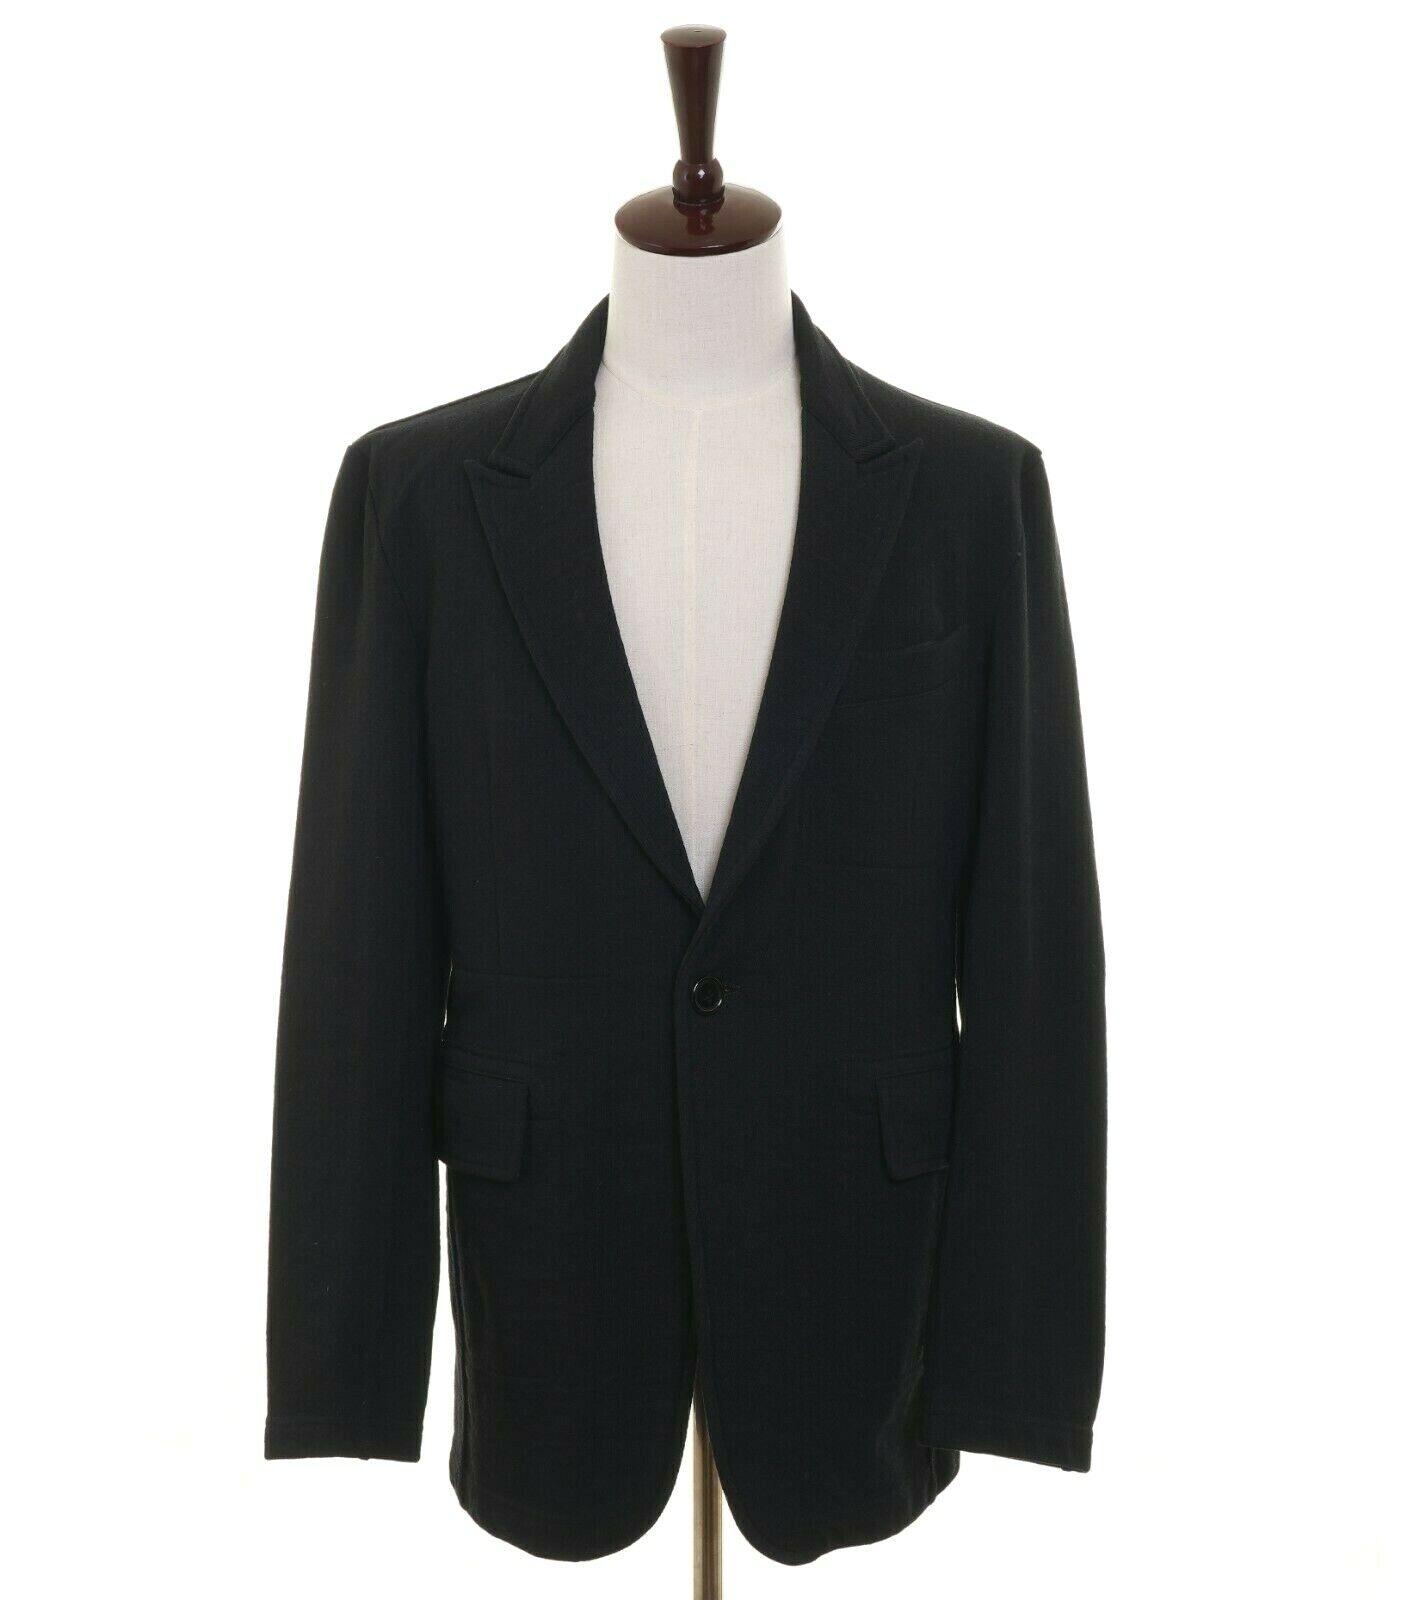 For Schwarz 197 Yohji Y's Yamamoto Men Jacket001 mwOPv8Nny0